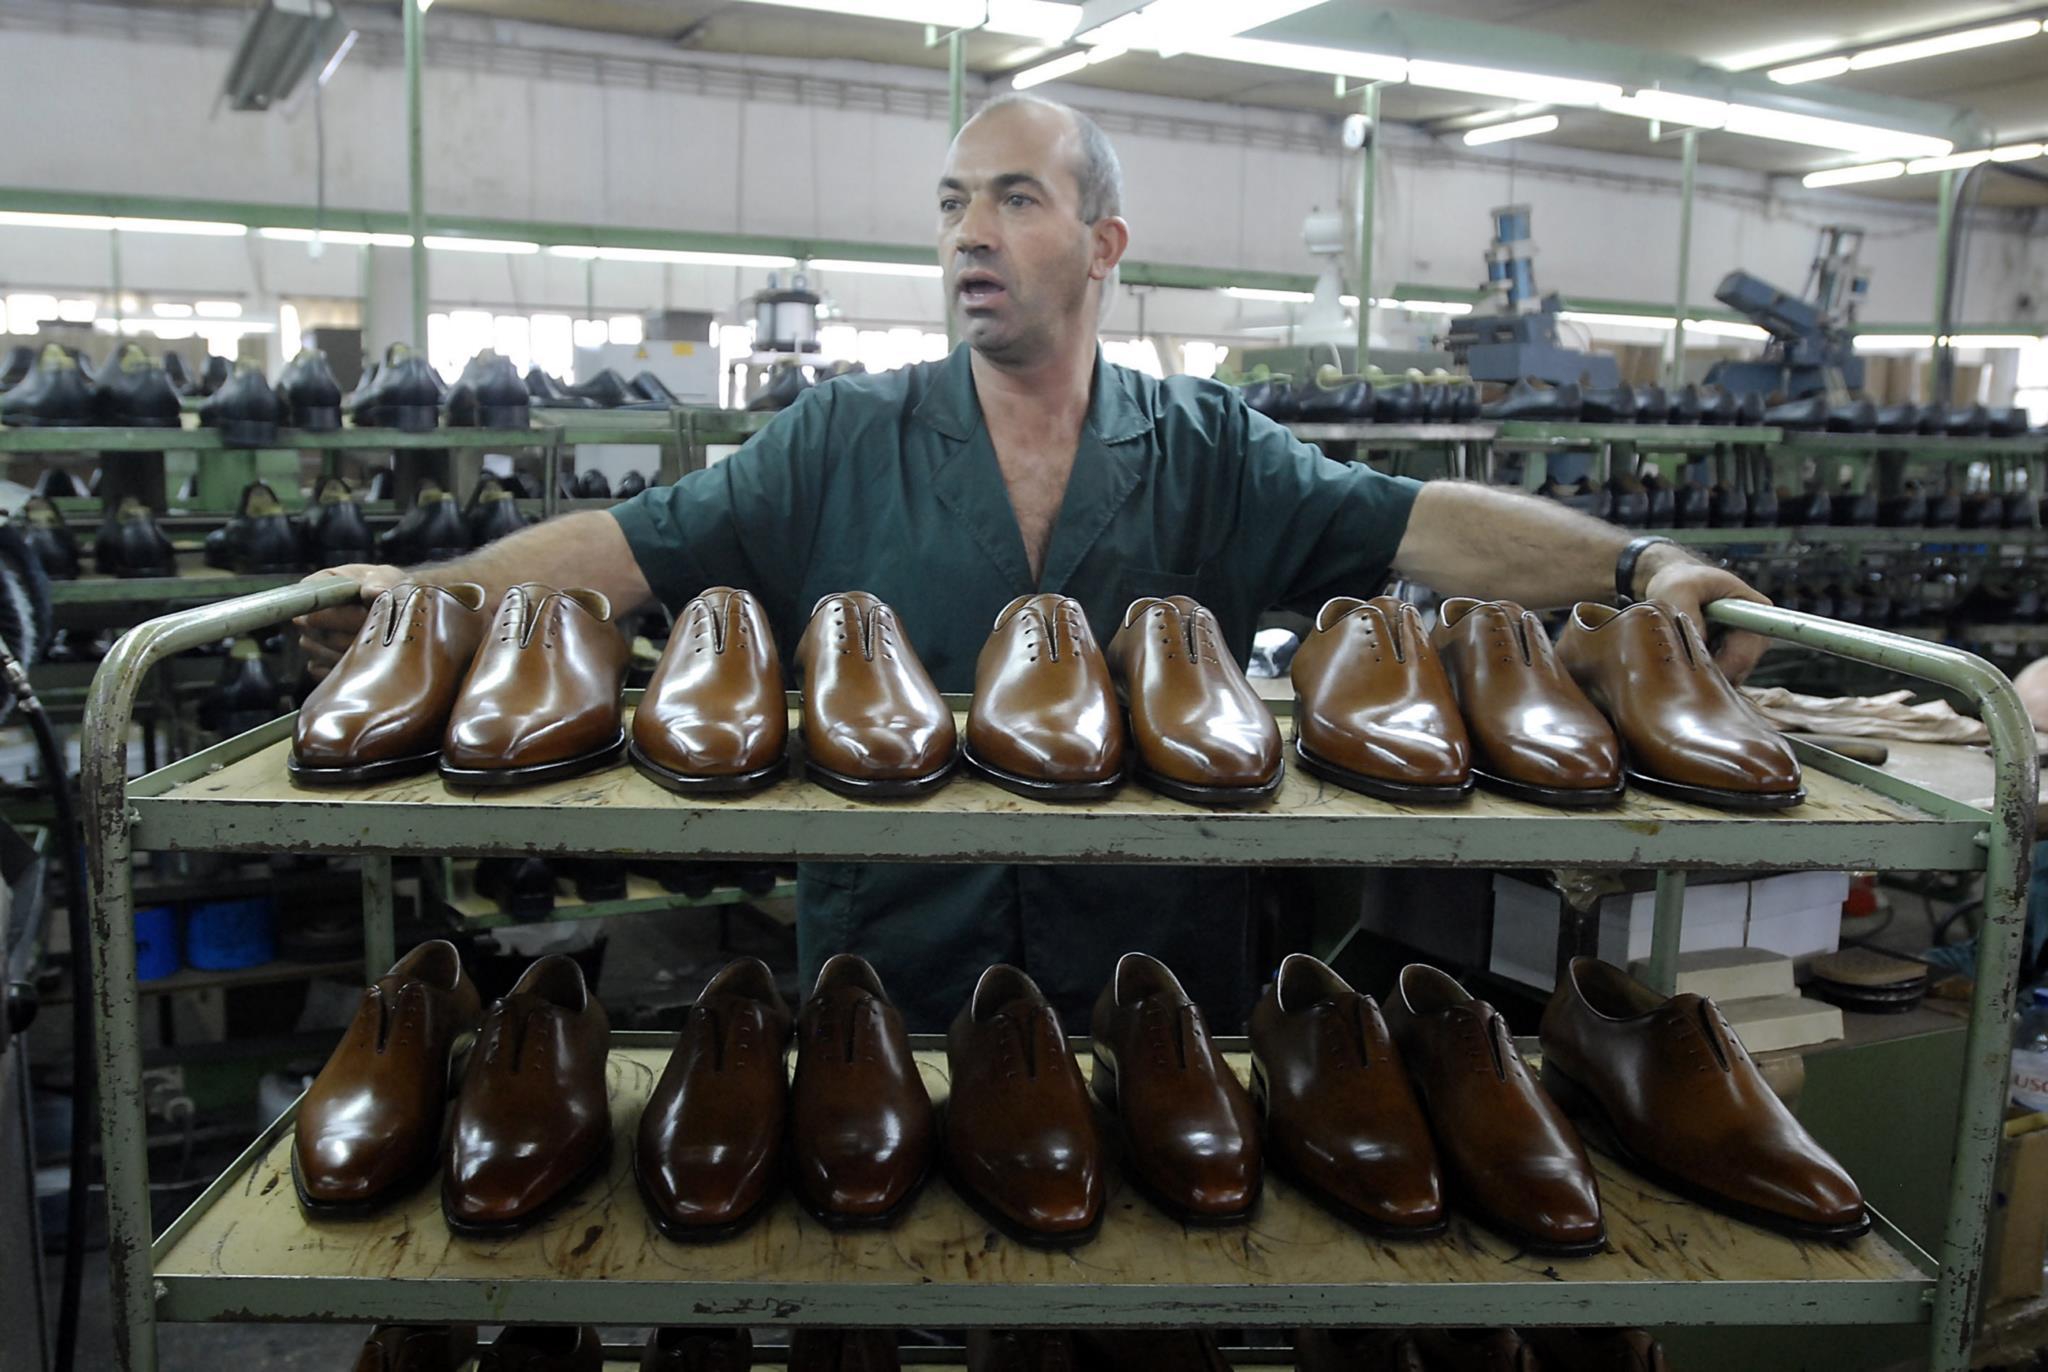 Fabrico de calçado na fábrica Zarco, em São João da Madeira